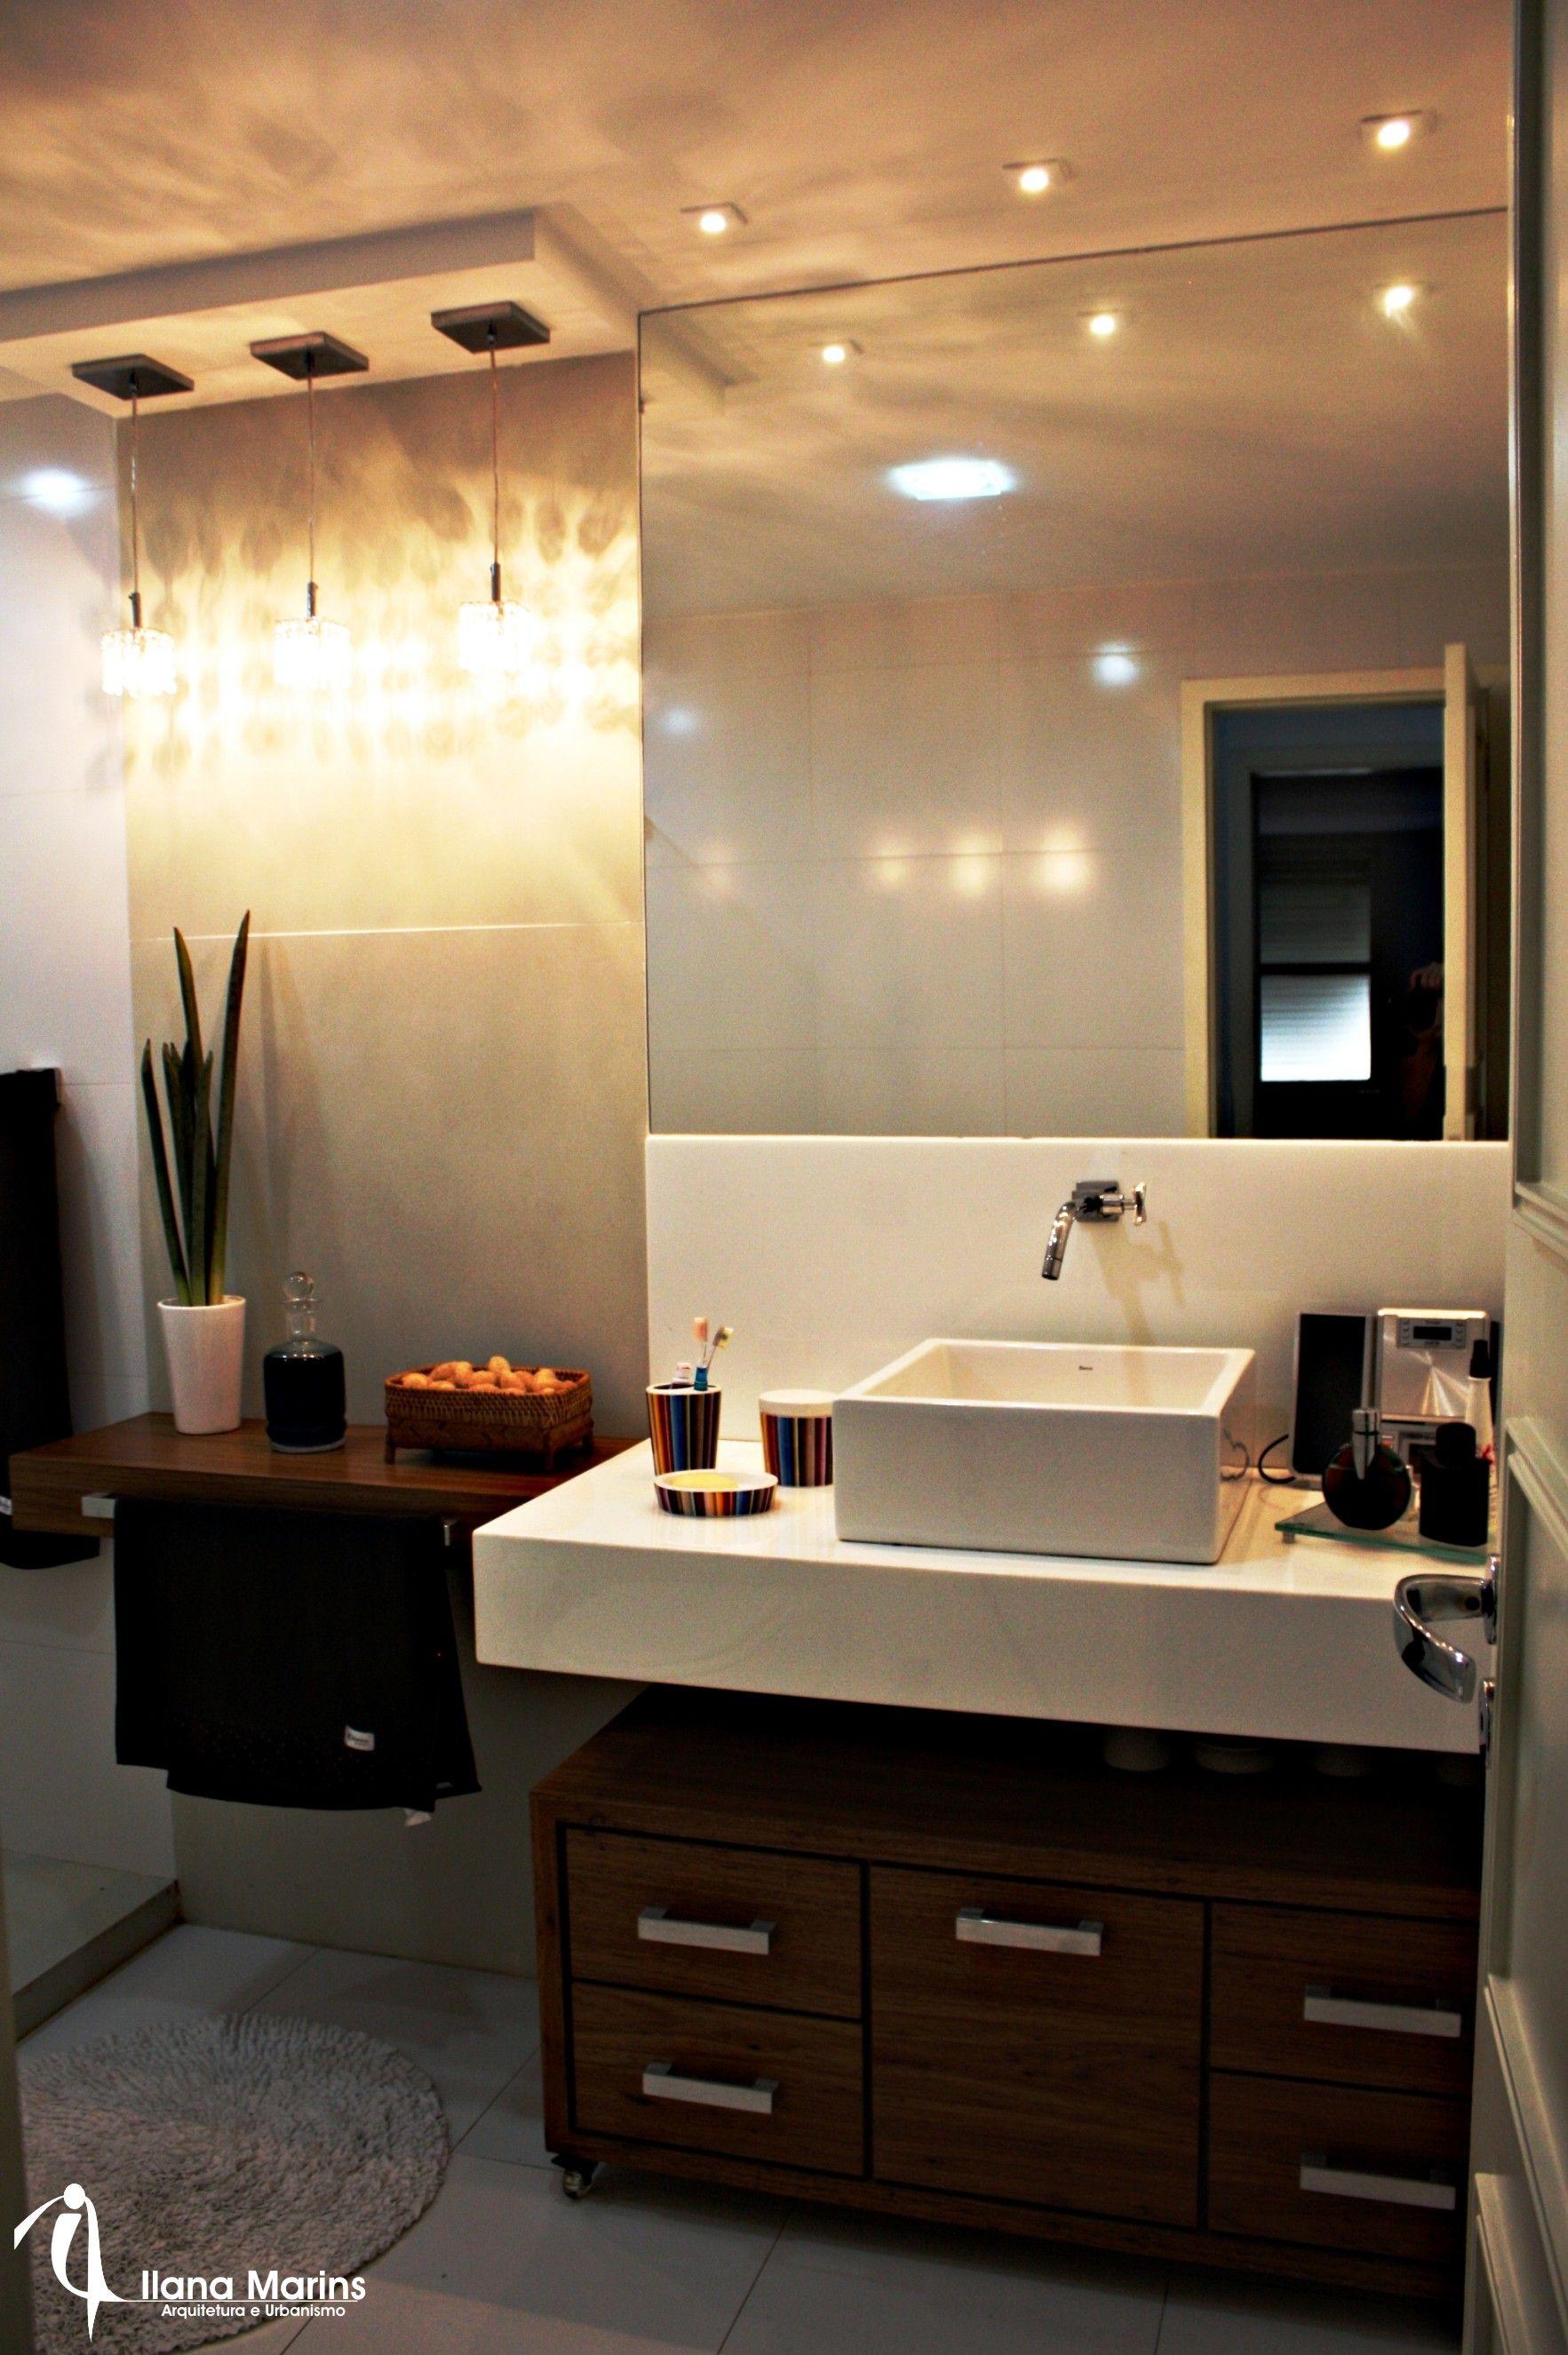 Banheiros e lavabos chiques e aconchegantes  Blog da Michelle Mayrink  Bath -> Banheiro Pequeno E Chique